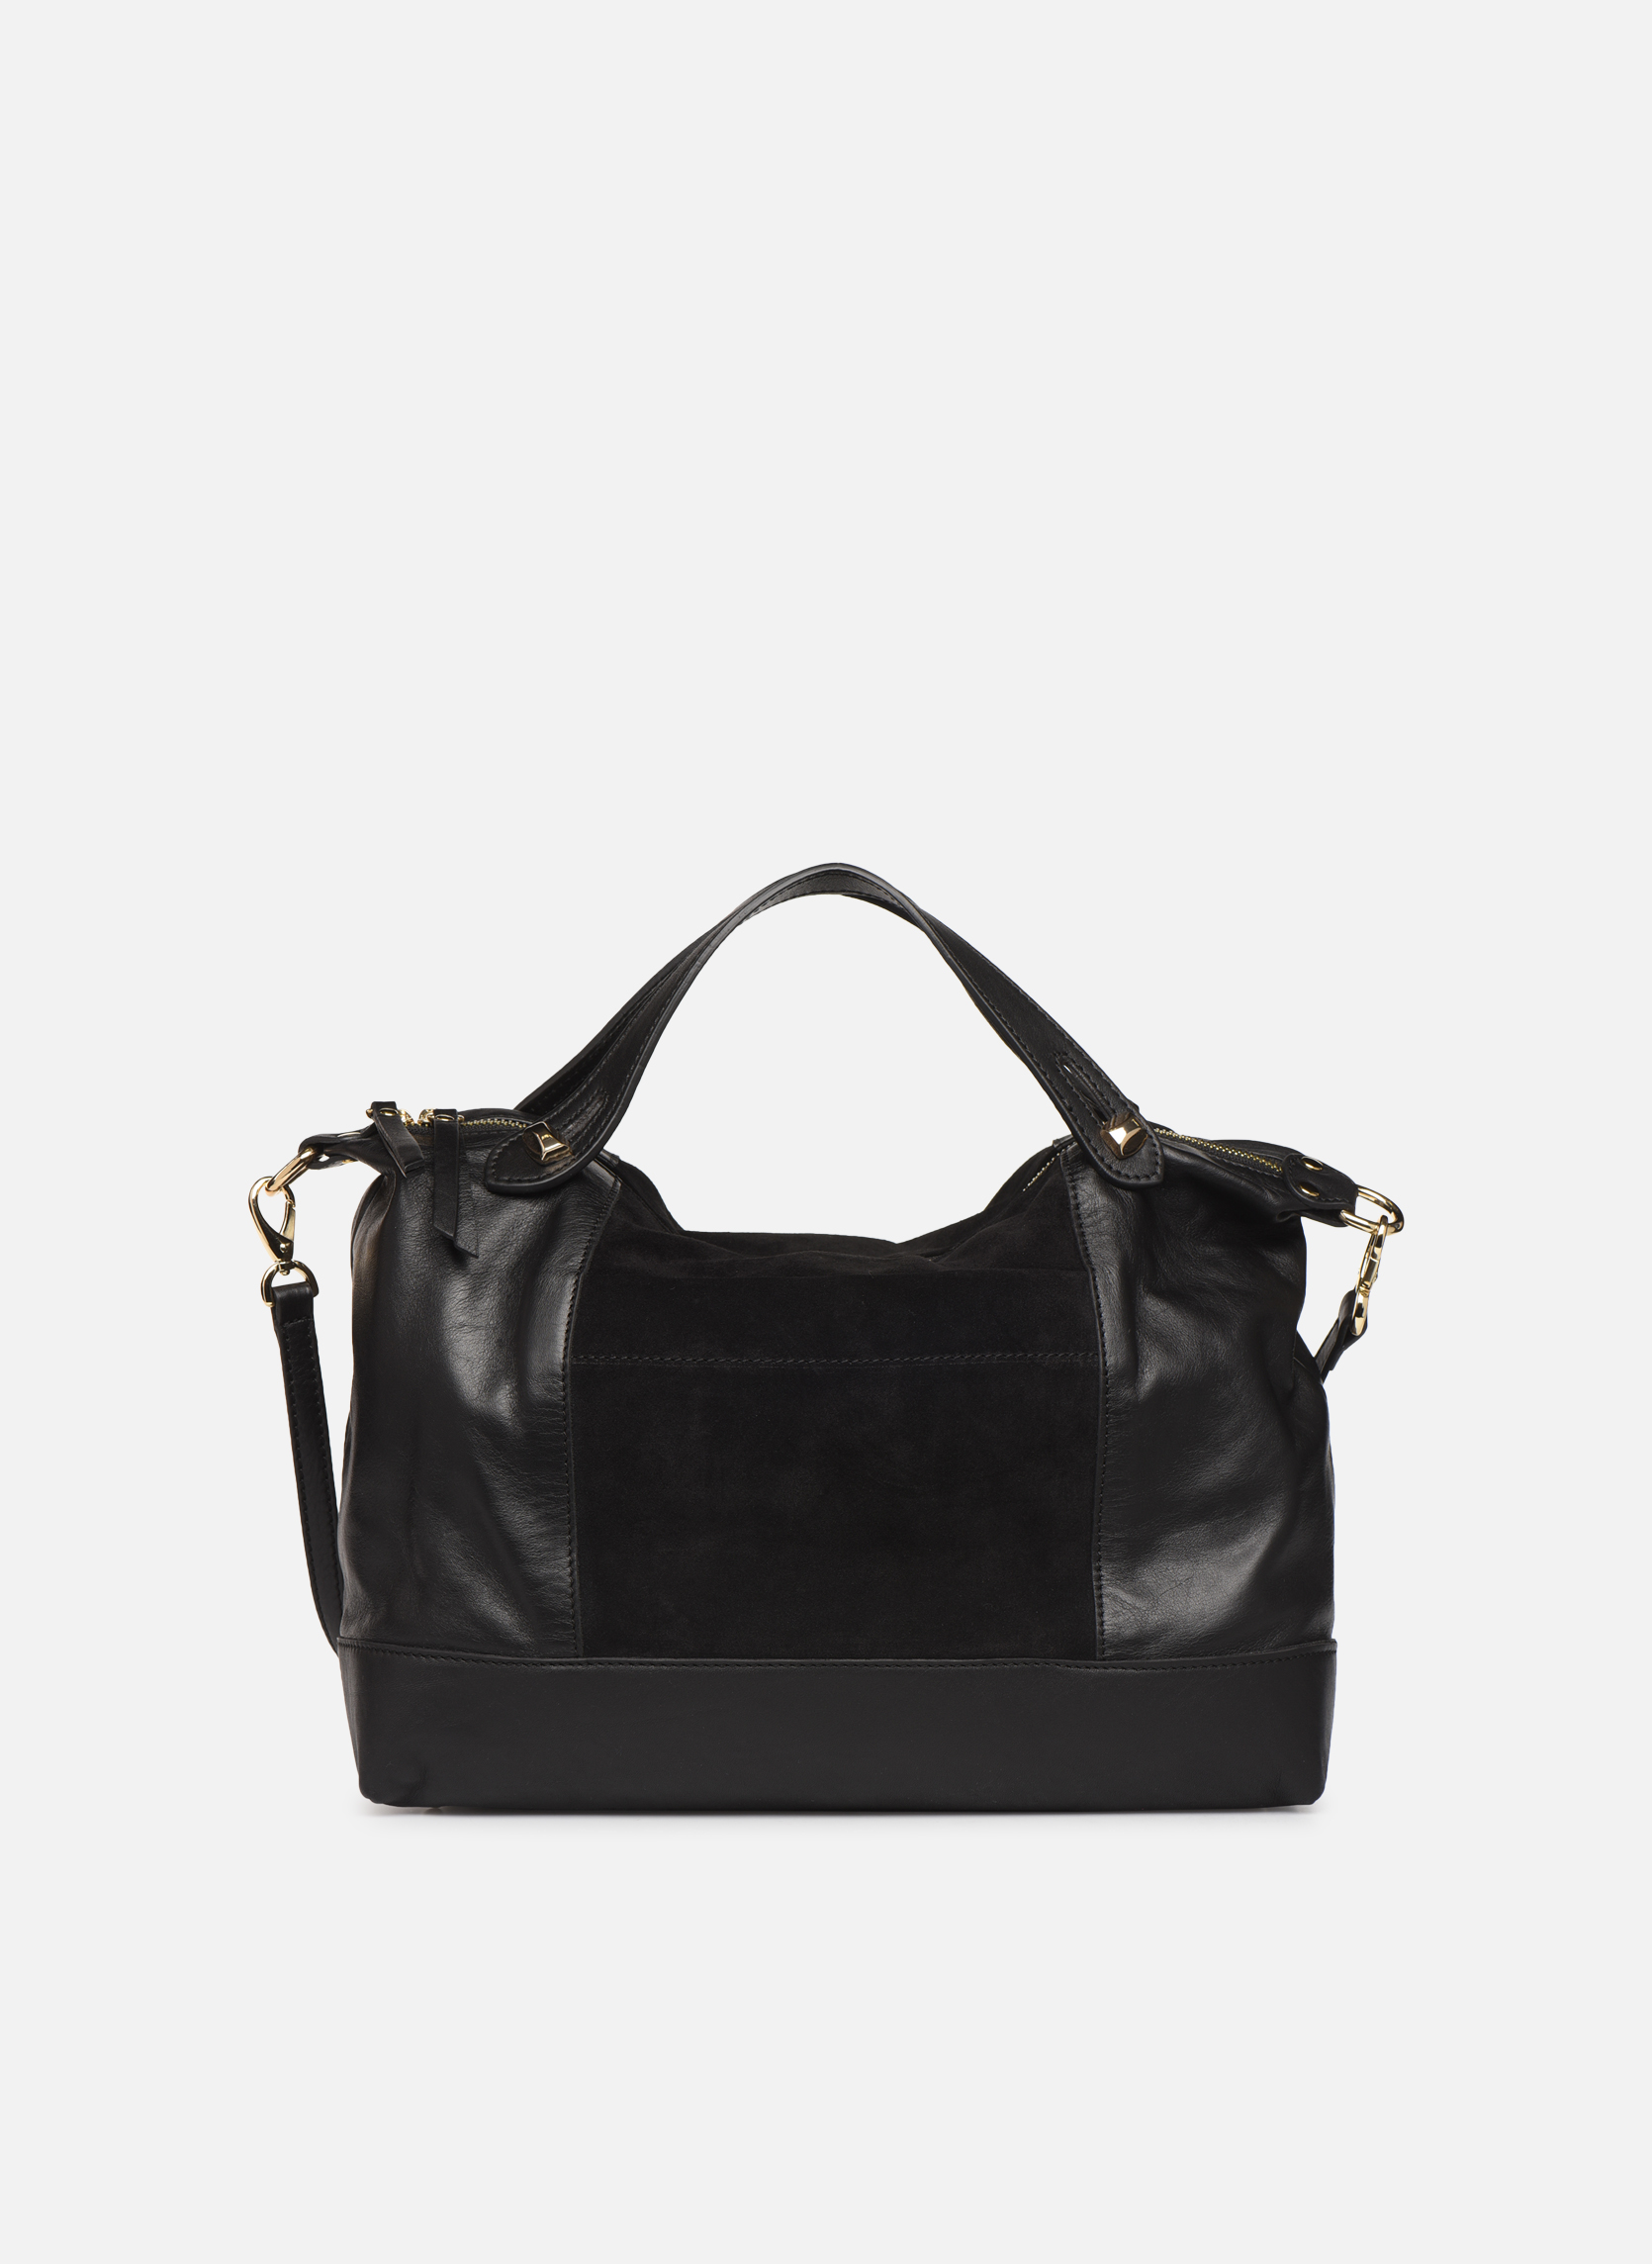 Handtaschen Taschen Muse